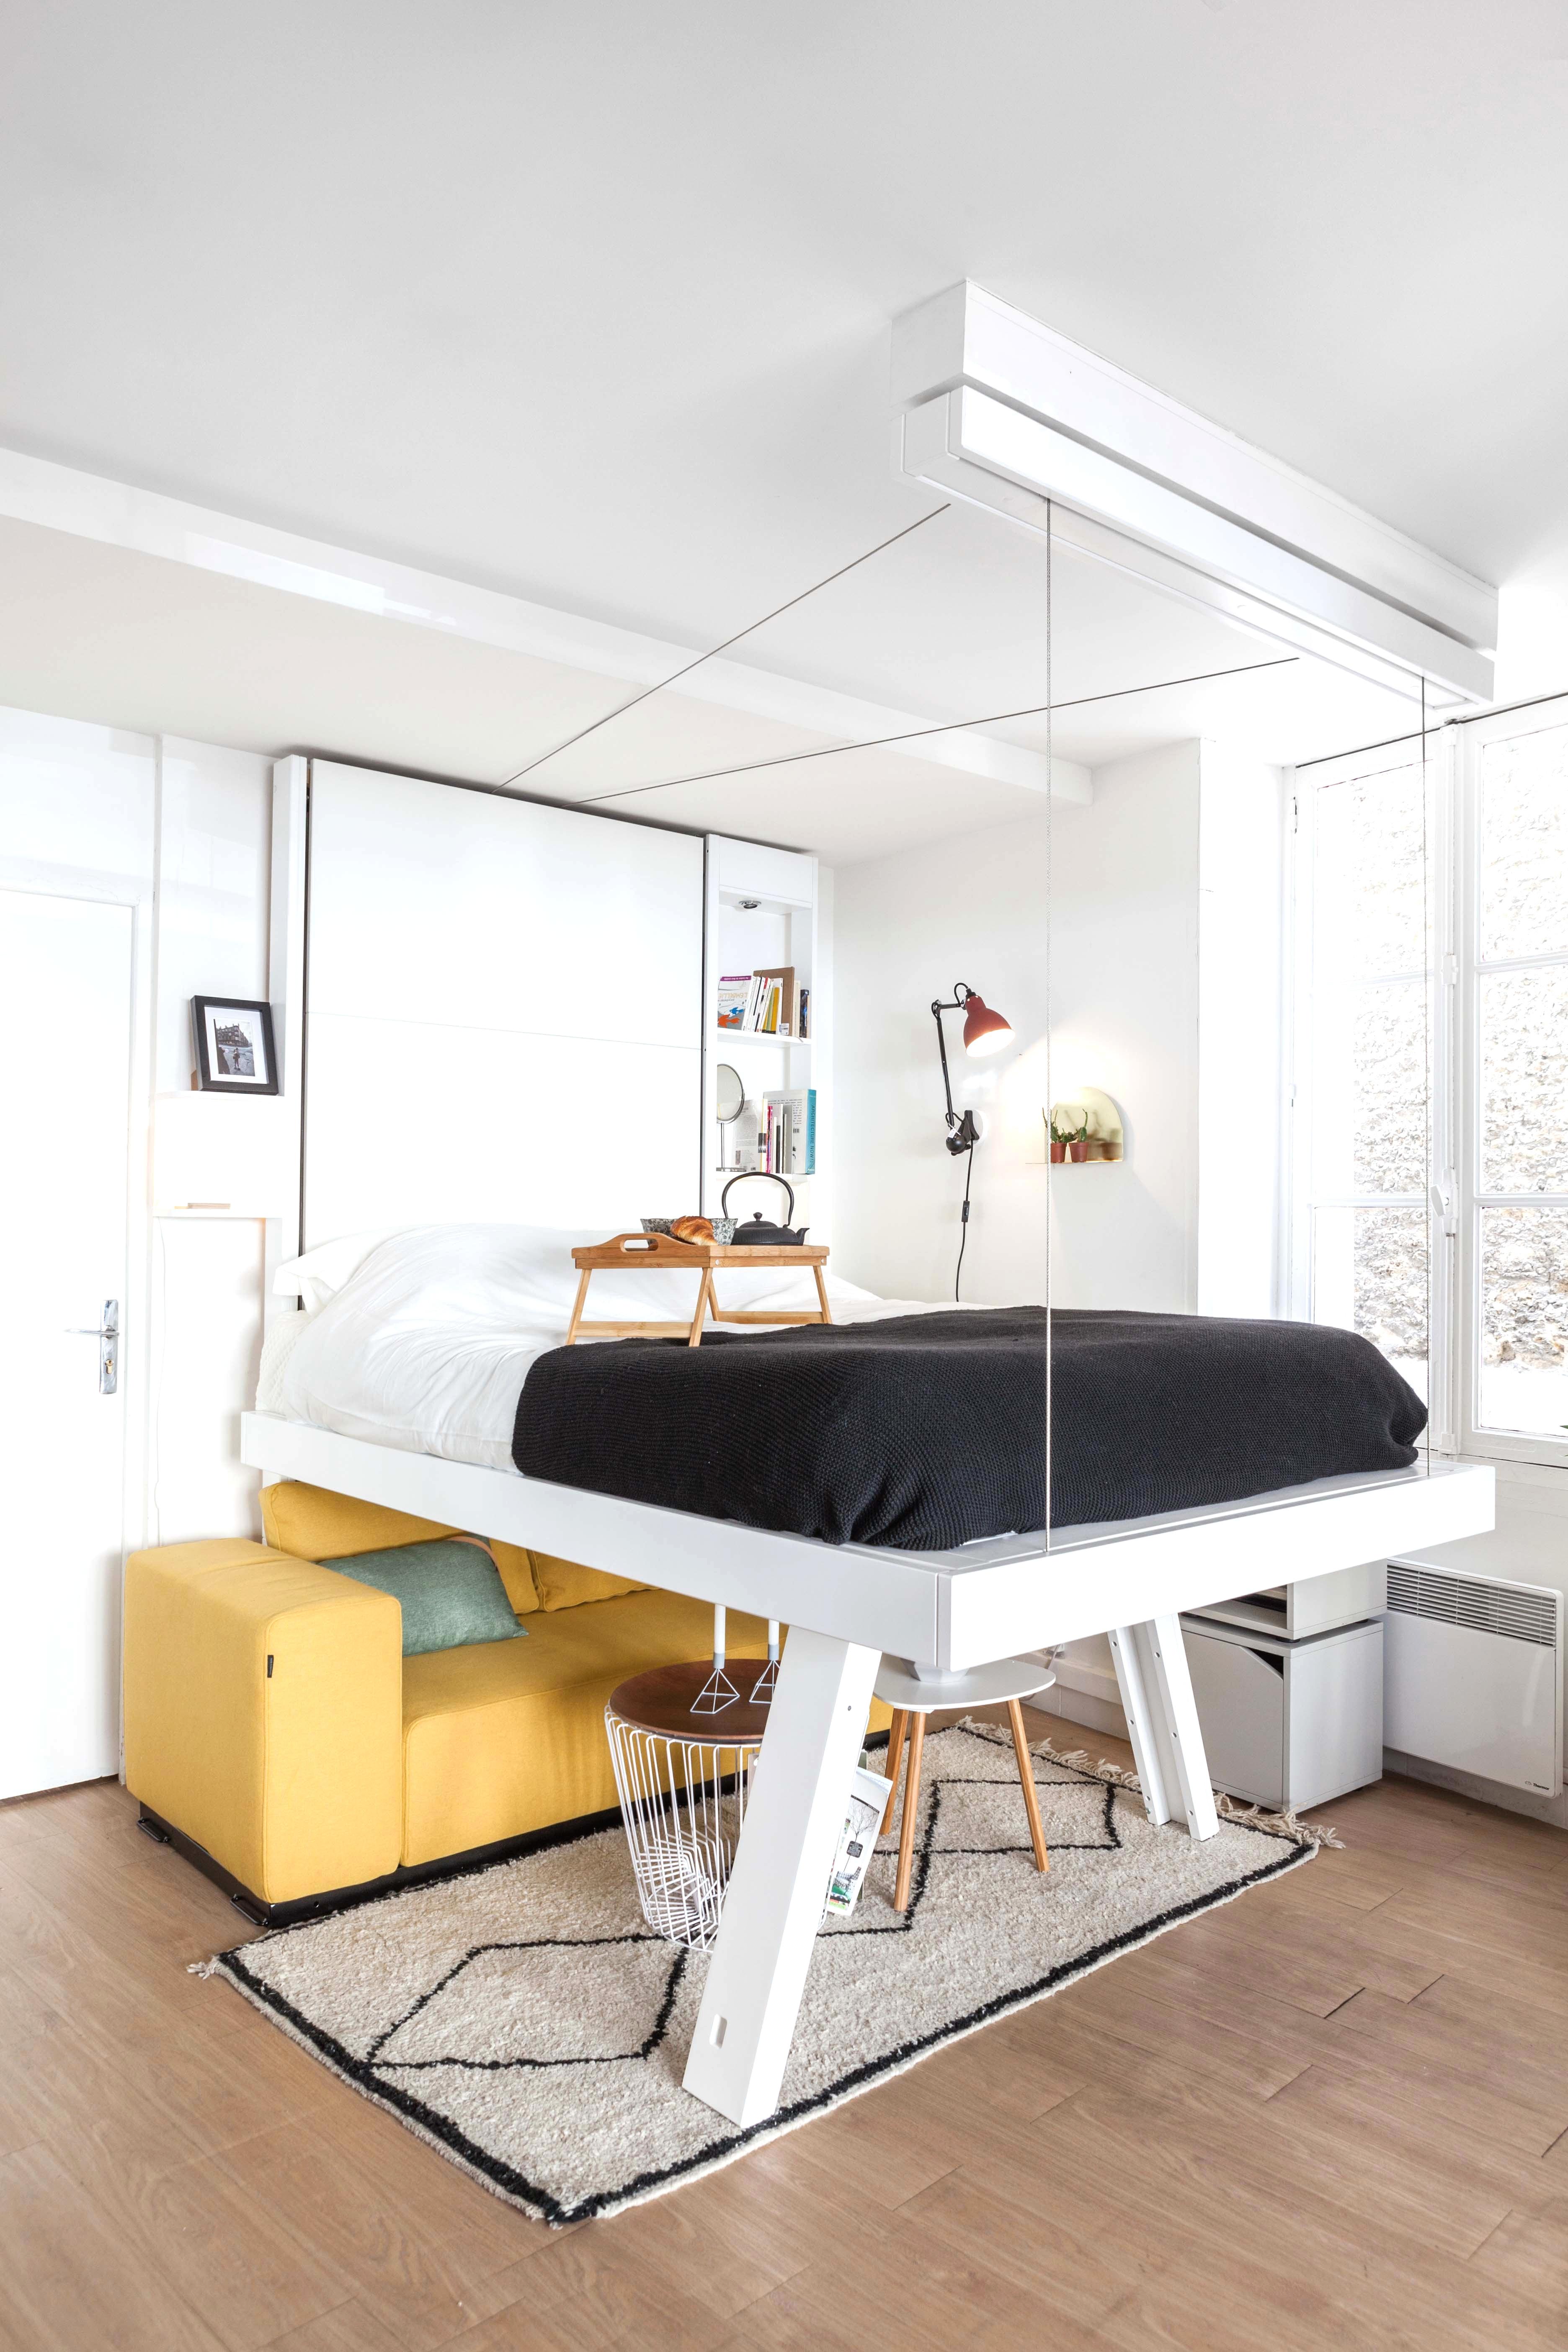 Lit Canapé Escamotable Ikea Unique Collection 23 Beau En Ligne Lit Escamotable Avec Canap Inspiration Maison Avec